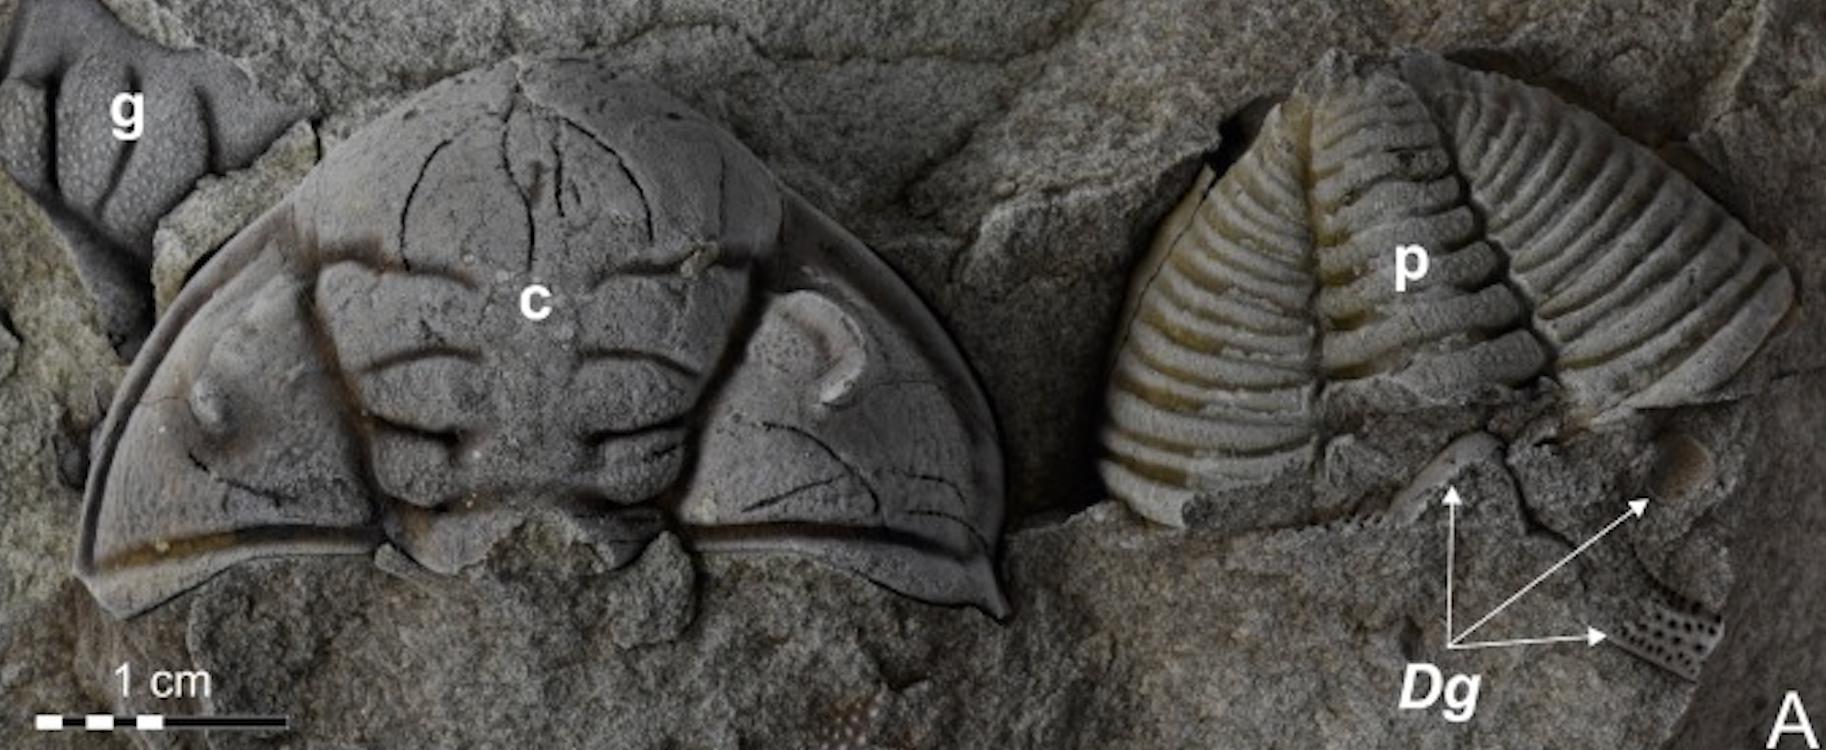 В Чехии нашли окаменелость трилобита с тяжелыми травмами, нанесенными ракоскорпионом